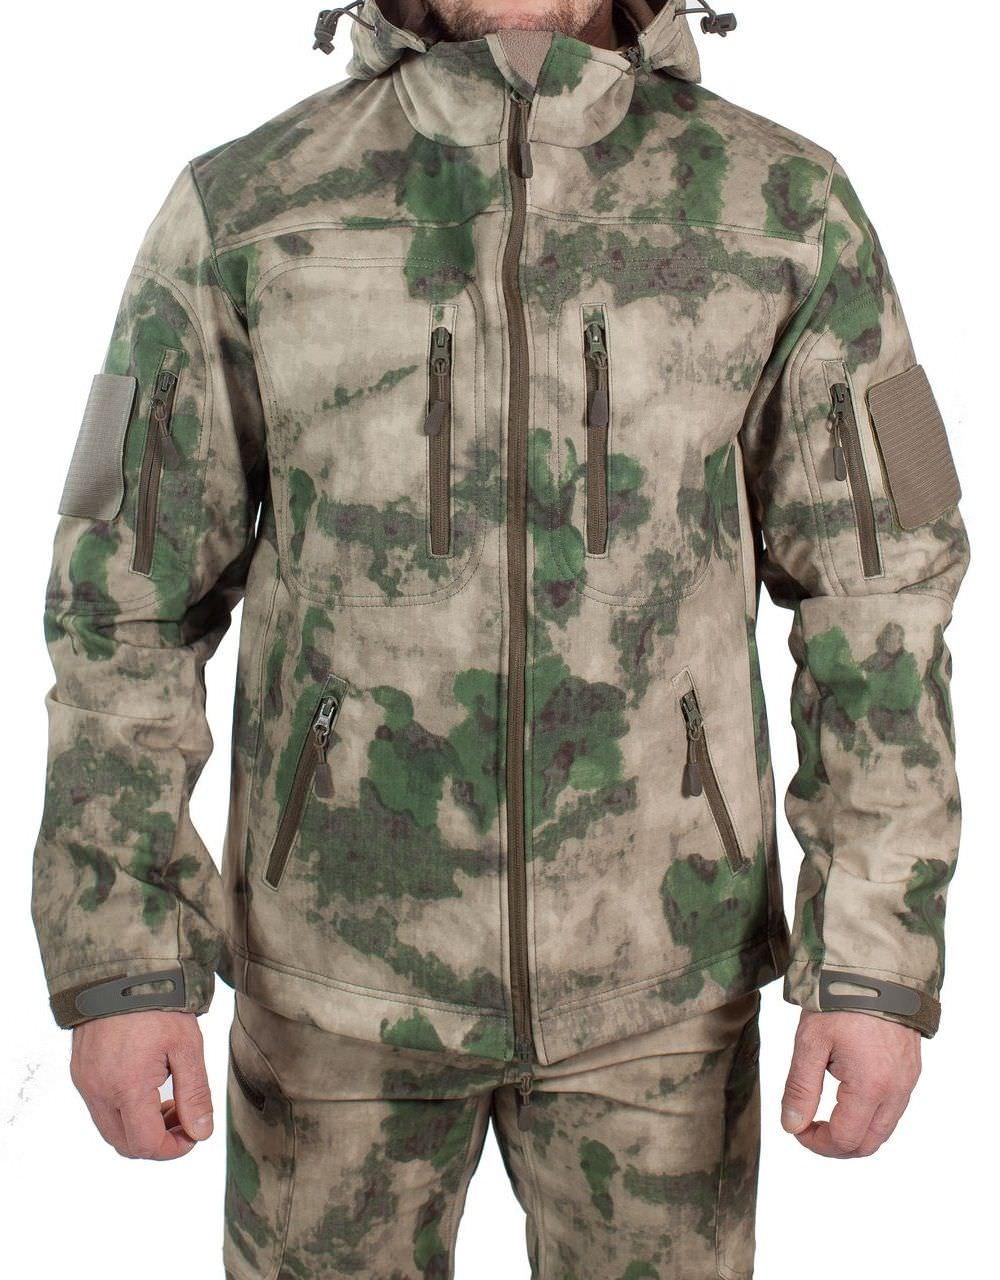 Куртка МПА-26-01 КМФ (софтшелл, мох), Magellan (500261061) Куртки софтшелл (Softshell)<br>Куртка МПА-26-01 предназначена для поддержания <br>комфортной температуры тела в холодное <br>время года при активной физической деятельности, <br>при ветре и дожде. Эффективно отводит пар <br>от тела, не пропускает влагу извне. ХАРАКТЕРИСТИКИ <br>ЗАЩИТА ОТ ХОЛОДА ЗАЩИТА ОТ ДОЖДЯ И ВЕТРА <br>ДЛЯ ИНТЕНСИВНЫХ НАГРУЗОК ДЛЯ АКТИВНОГО <br>ОТДЫХА ТОЛЬКО РУЧНАЯ СТИРКА МАТЕРИАЛЫ СОФТШЕЛЛ <br>ФЛИС МЕМБРАНА<br><br>Пол: мужской<br>Размер: 44<br>Рост: 176<br>Сезон: демисезонный<br>Цвет: зеленый<br>Материал: мембрана